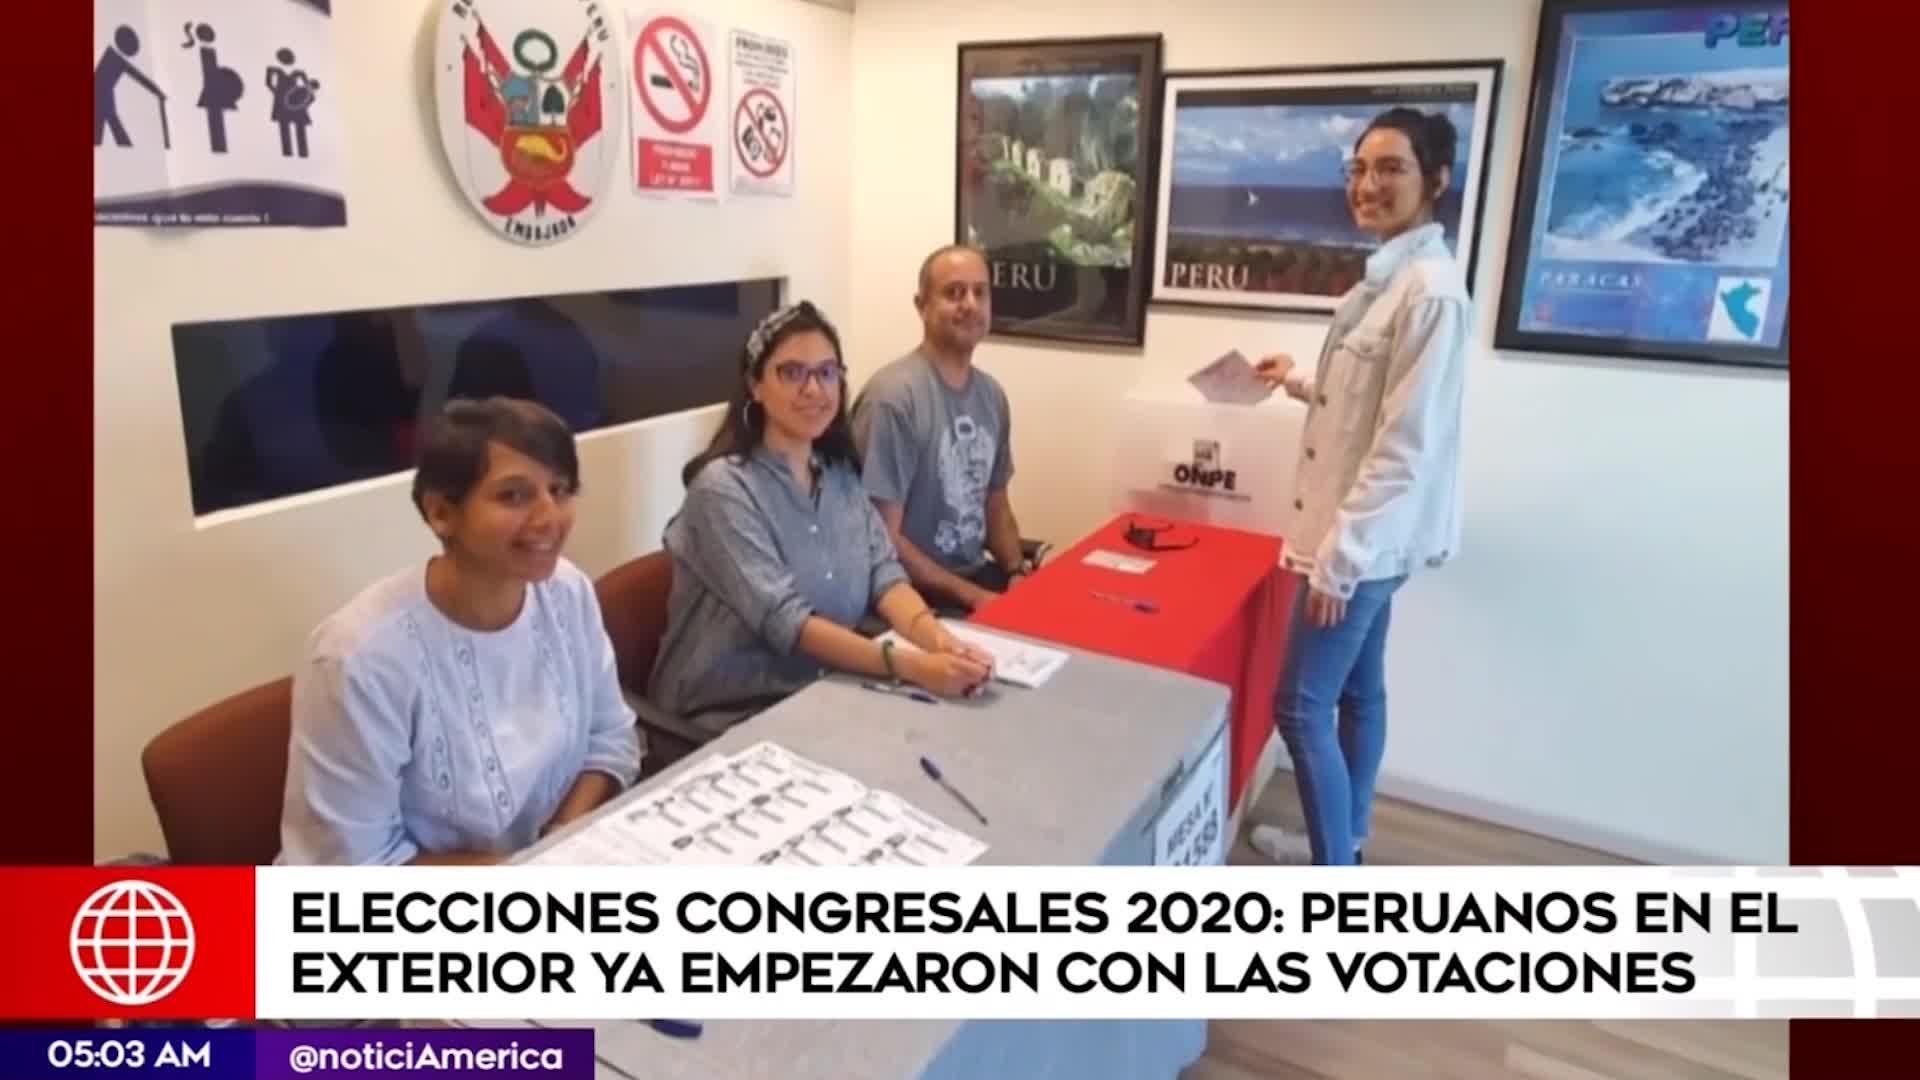 ELECCIONES 2020: así se viven las votaciones congresales al exterior del país